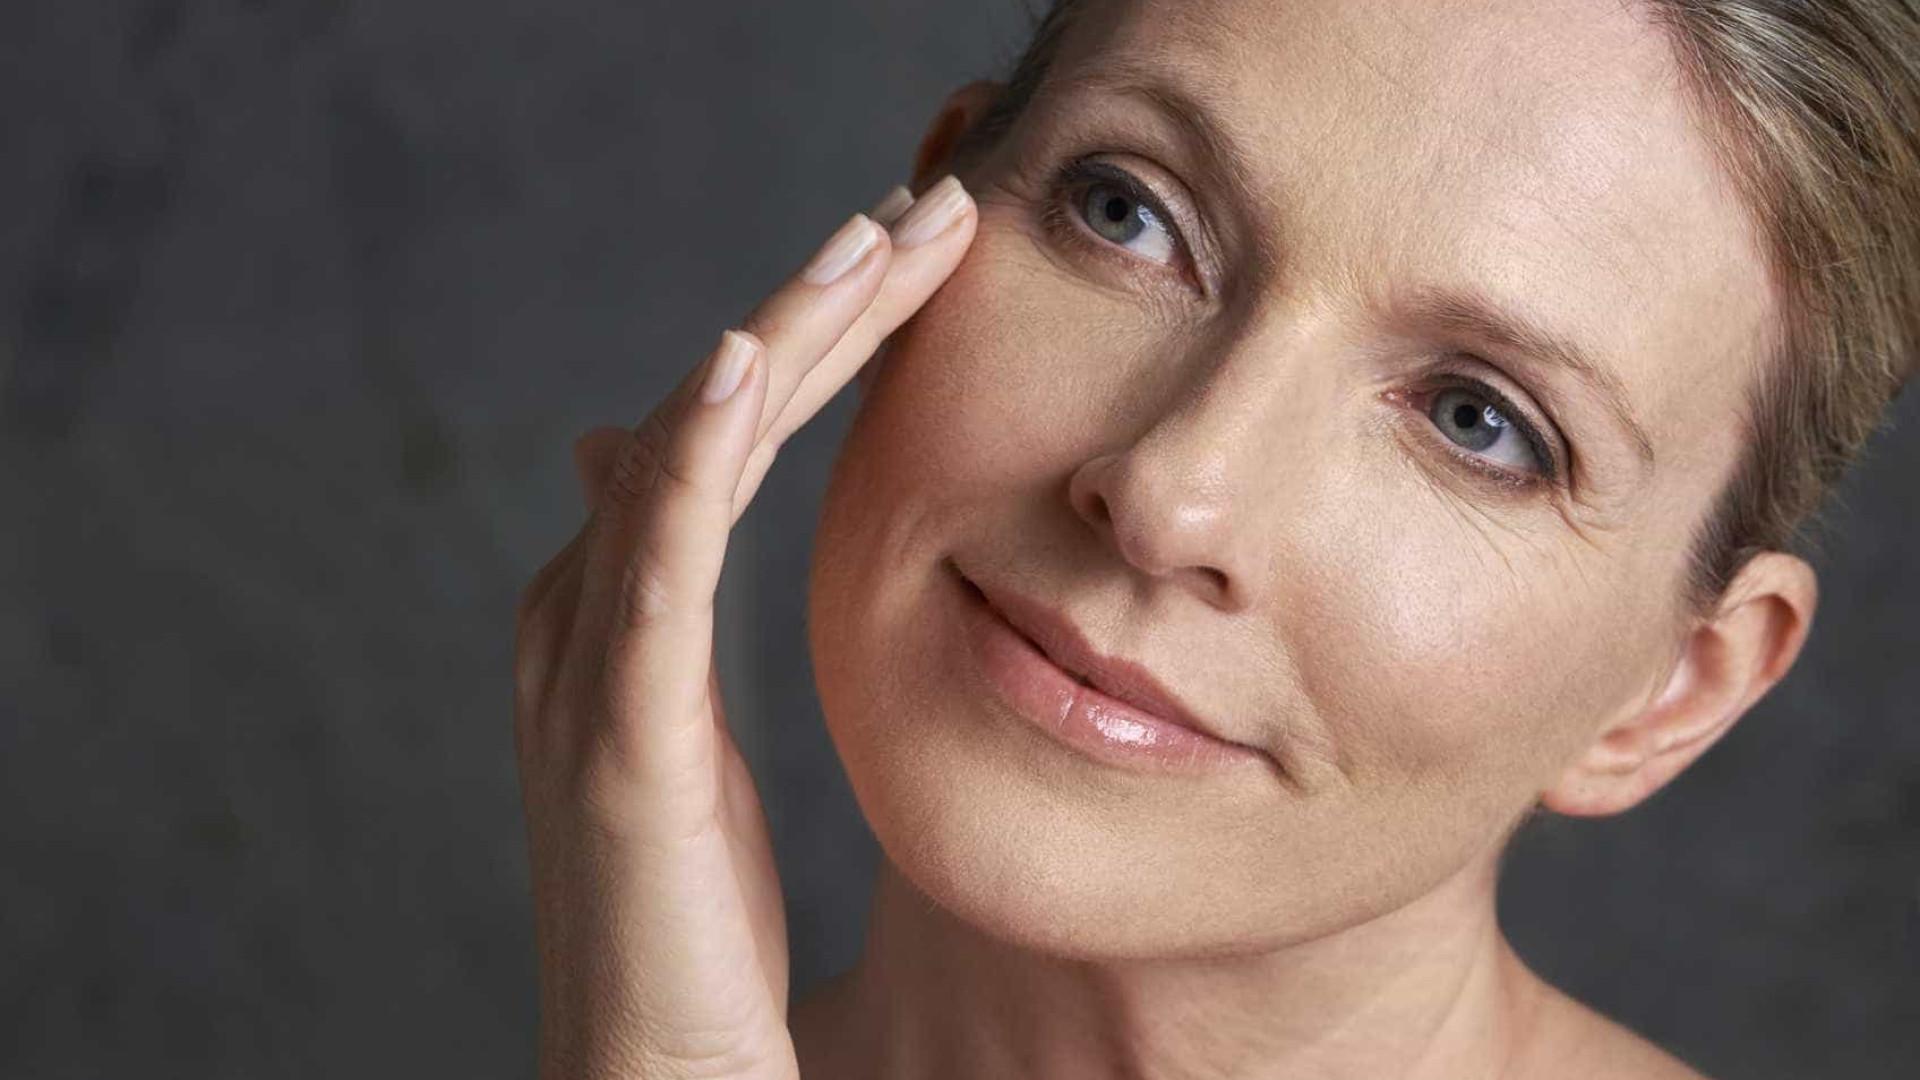 Estudo: pele de pessoas mais velhas regenera-se com menos cicatrizes